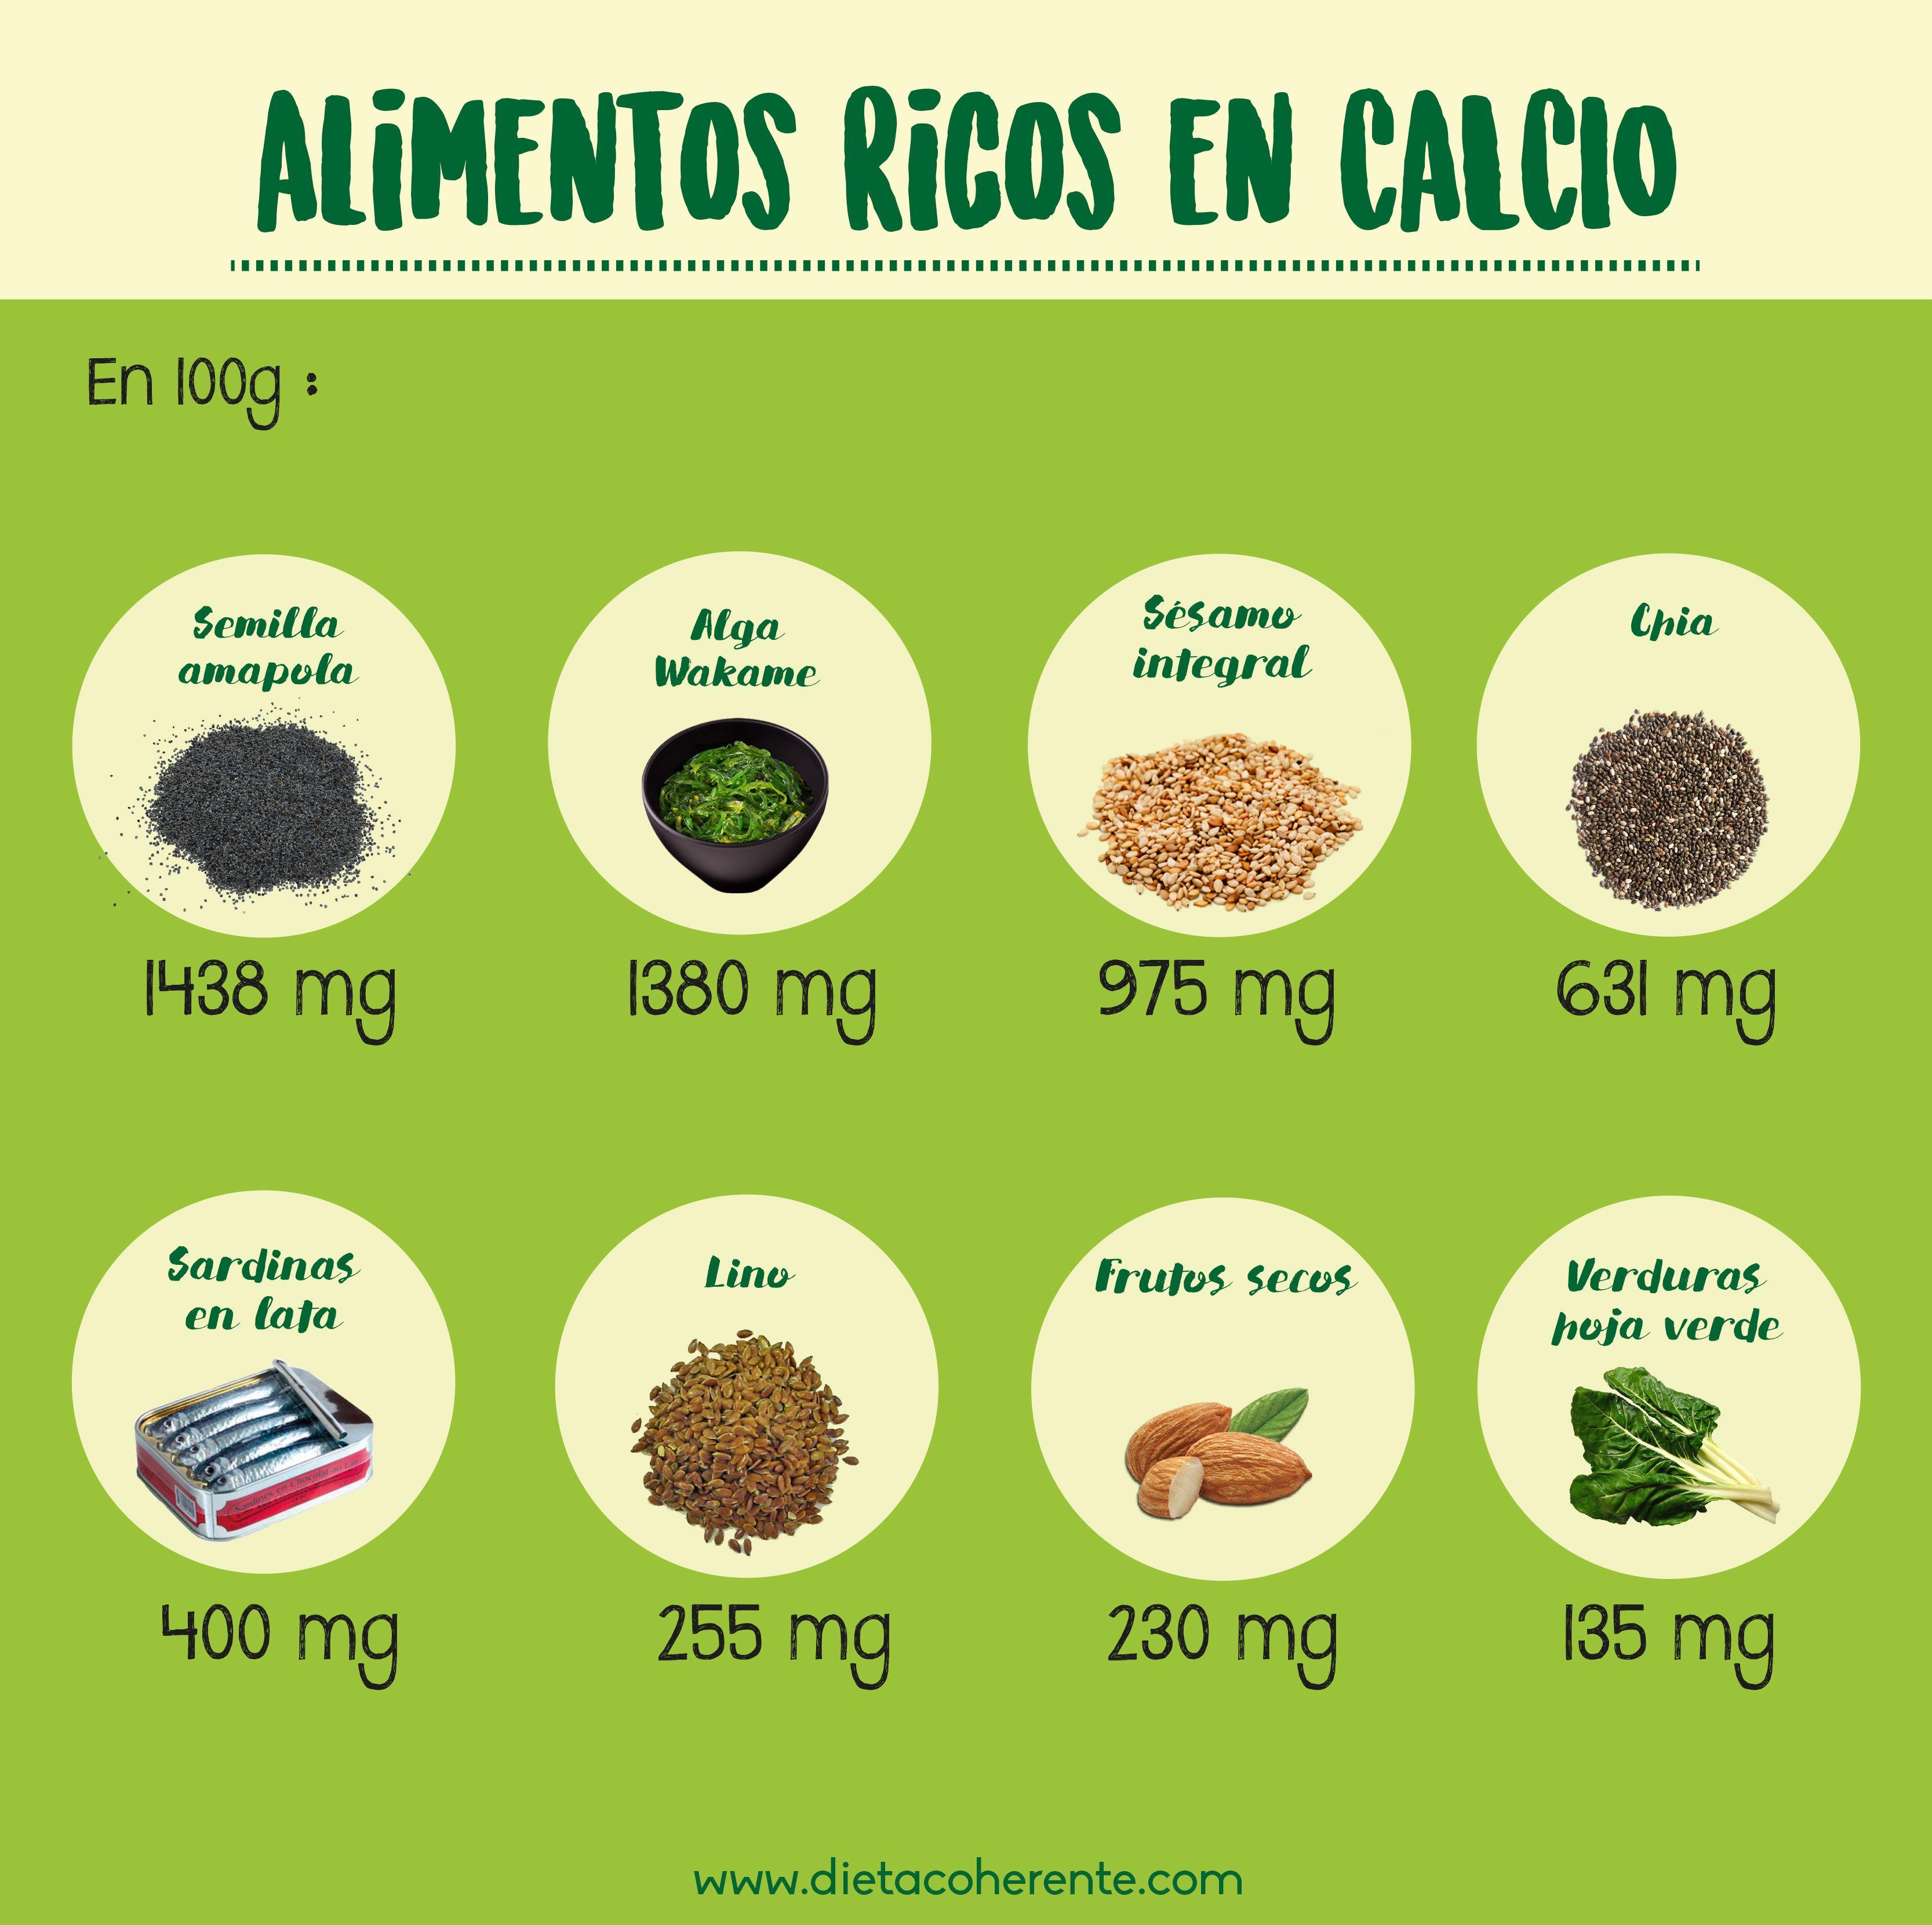 Alimentos ricos en calcio infograf as pinterest - Alimentos que tienen calcio ...